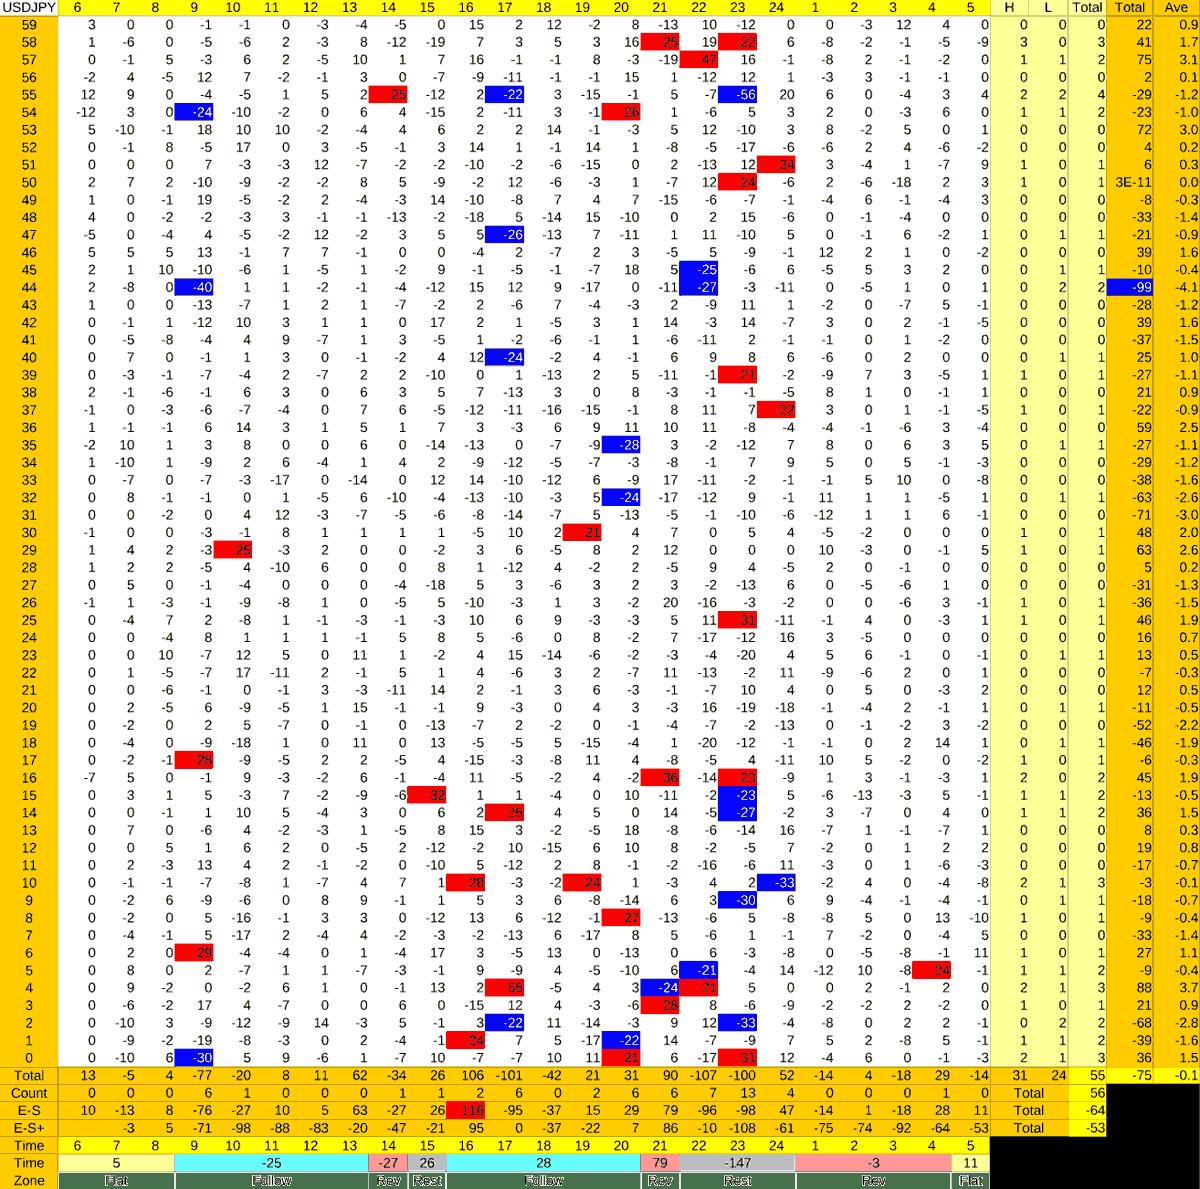 20210629_HS(1)USDJPY